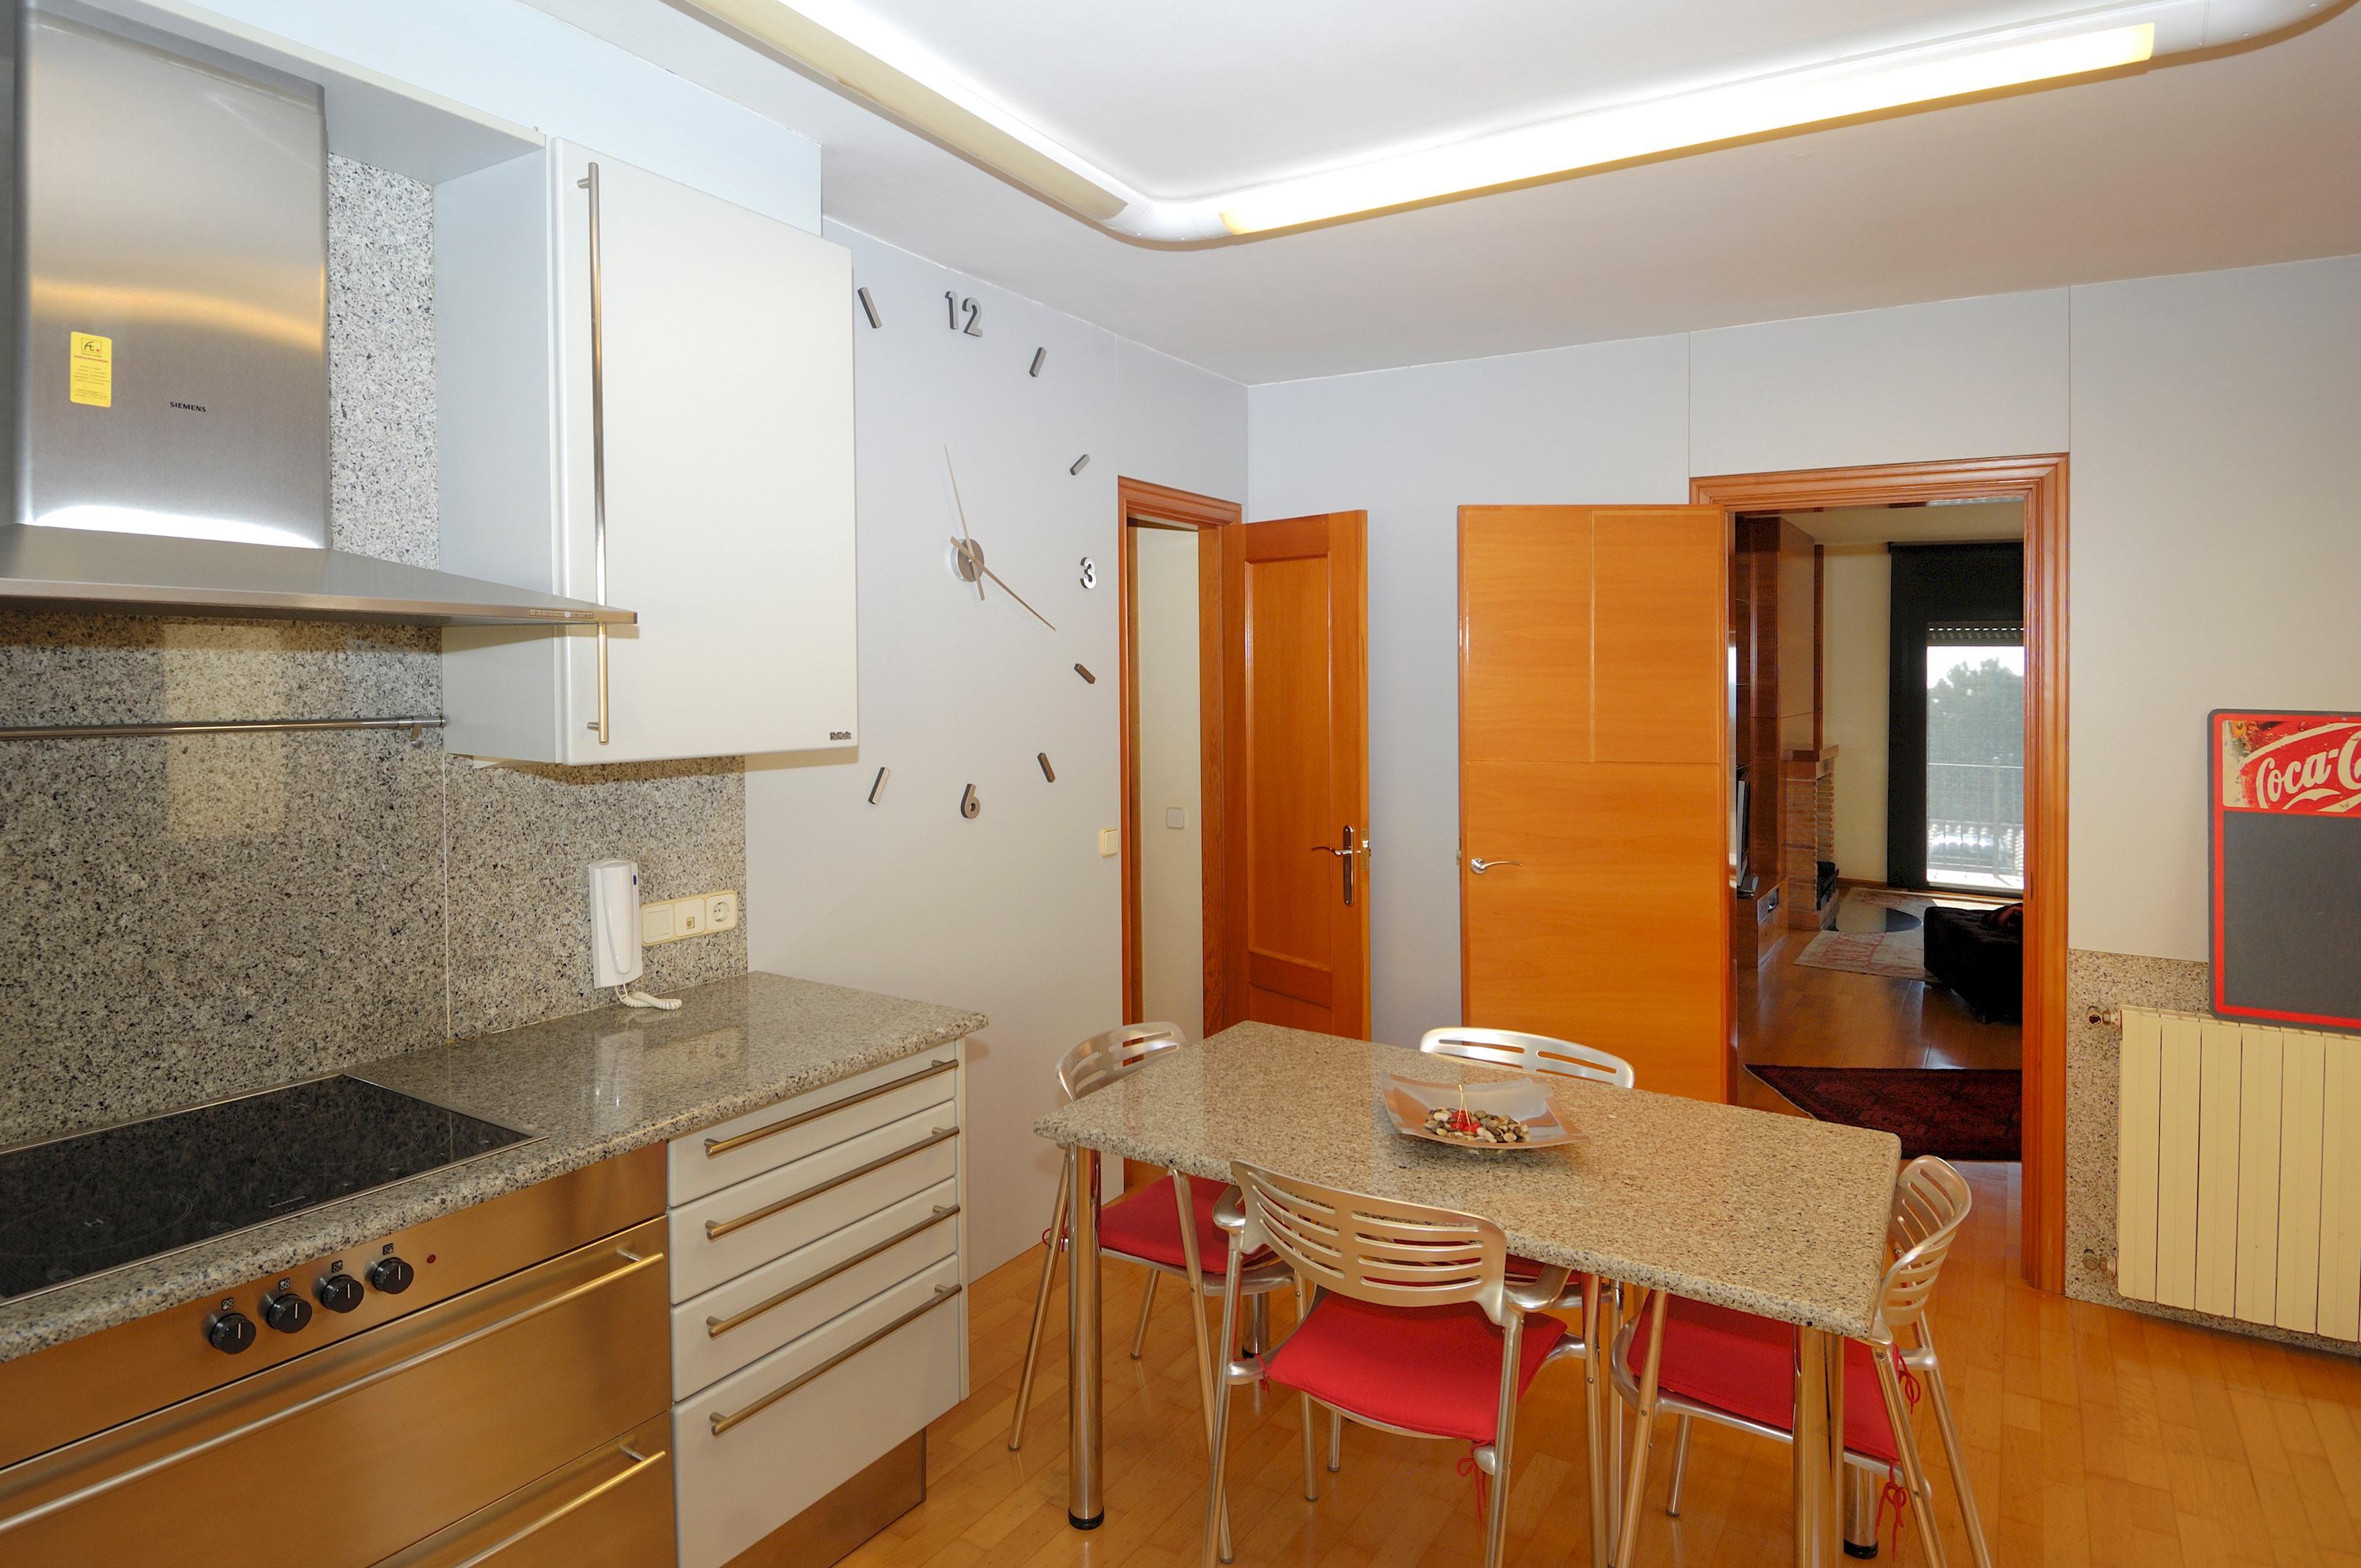 Apartment ROSA  ESPECTACULAR CASA MODERNA EN SANT ELM CON PISCINA PRIVADA Y WIFI GRATUITO photo 30445278